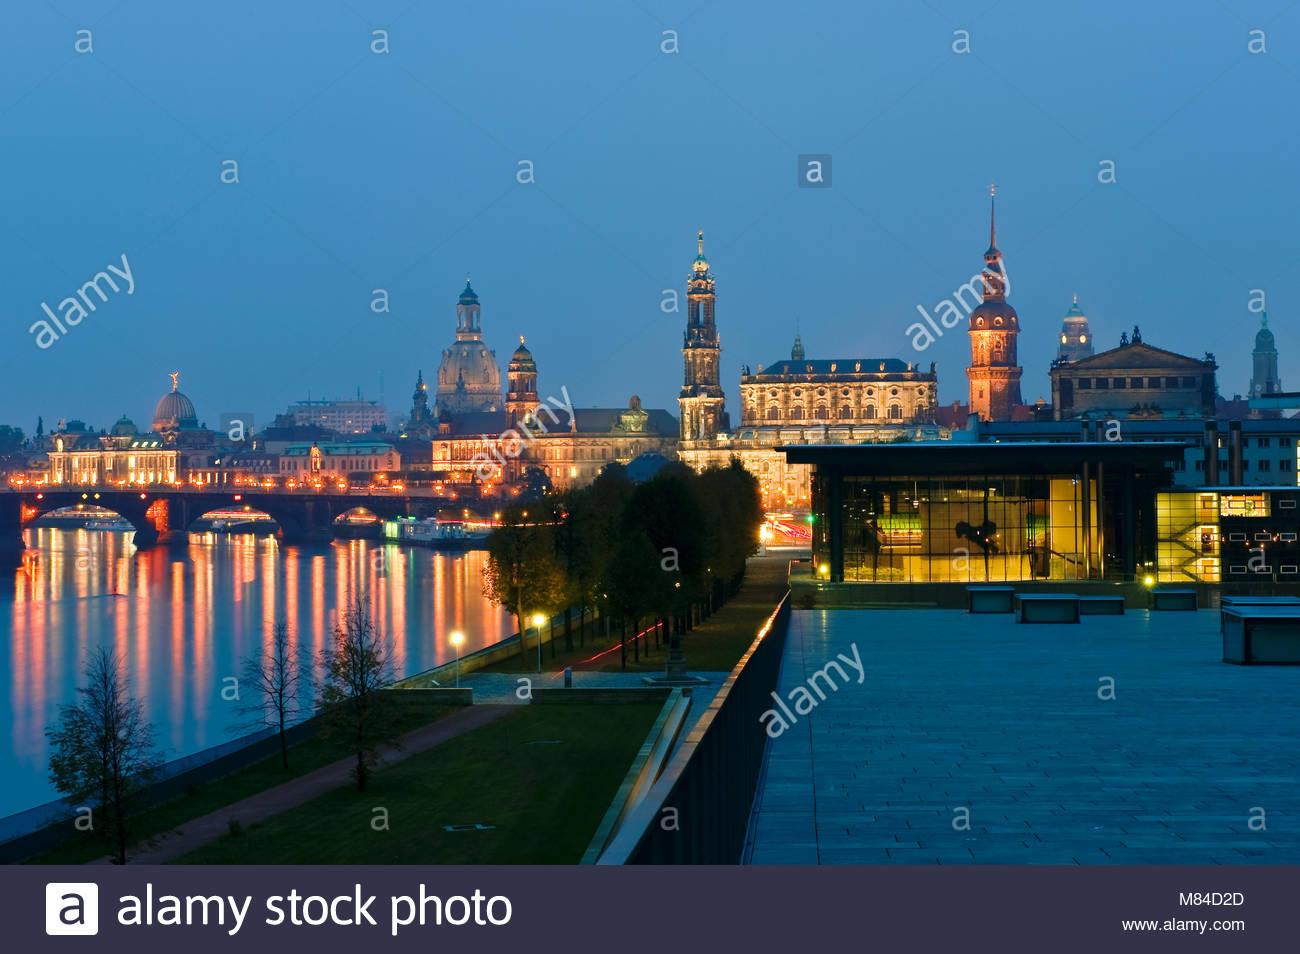 Europa, Deutschland, Dresden, Sachsen, Sachsen. Altstadt - Silhouette mit Bruehlsche Terrasse, Kathedrale, Schloss, Stockbild